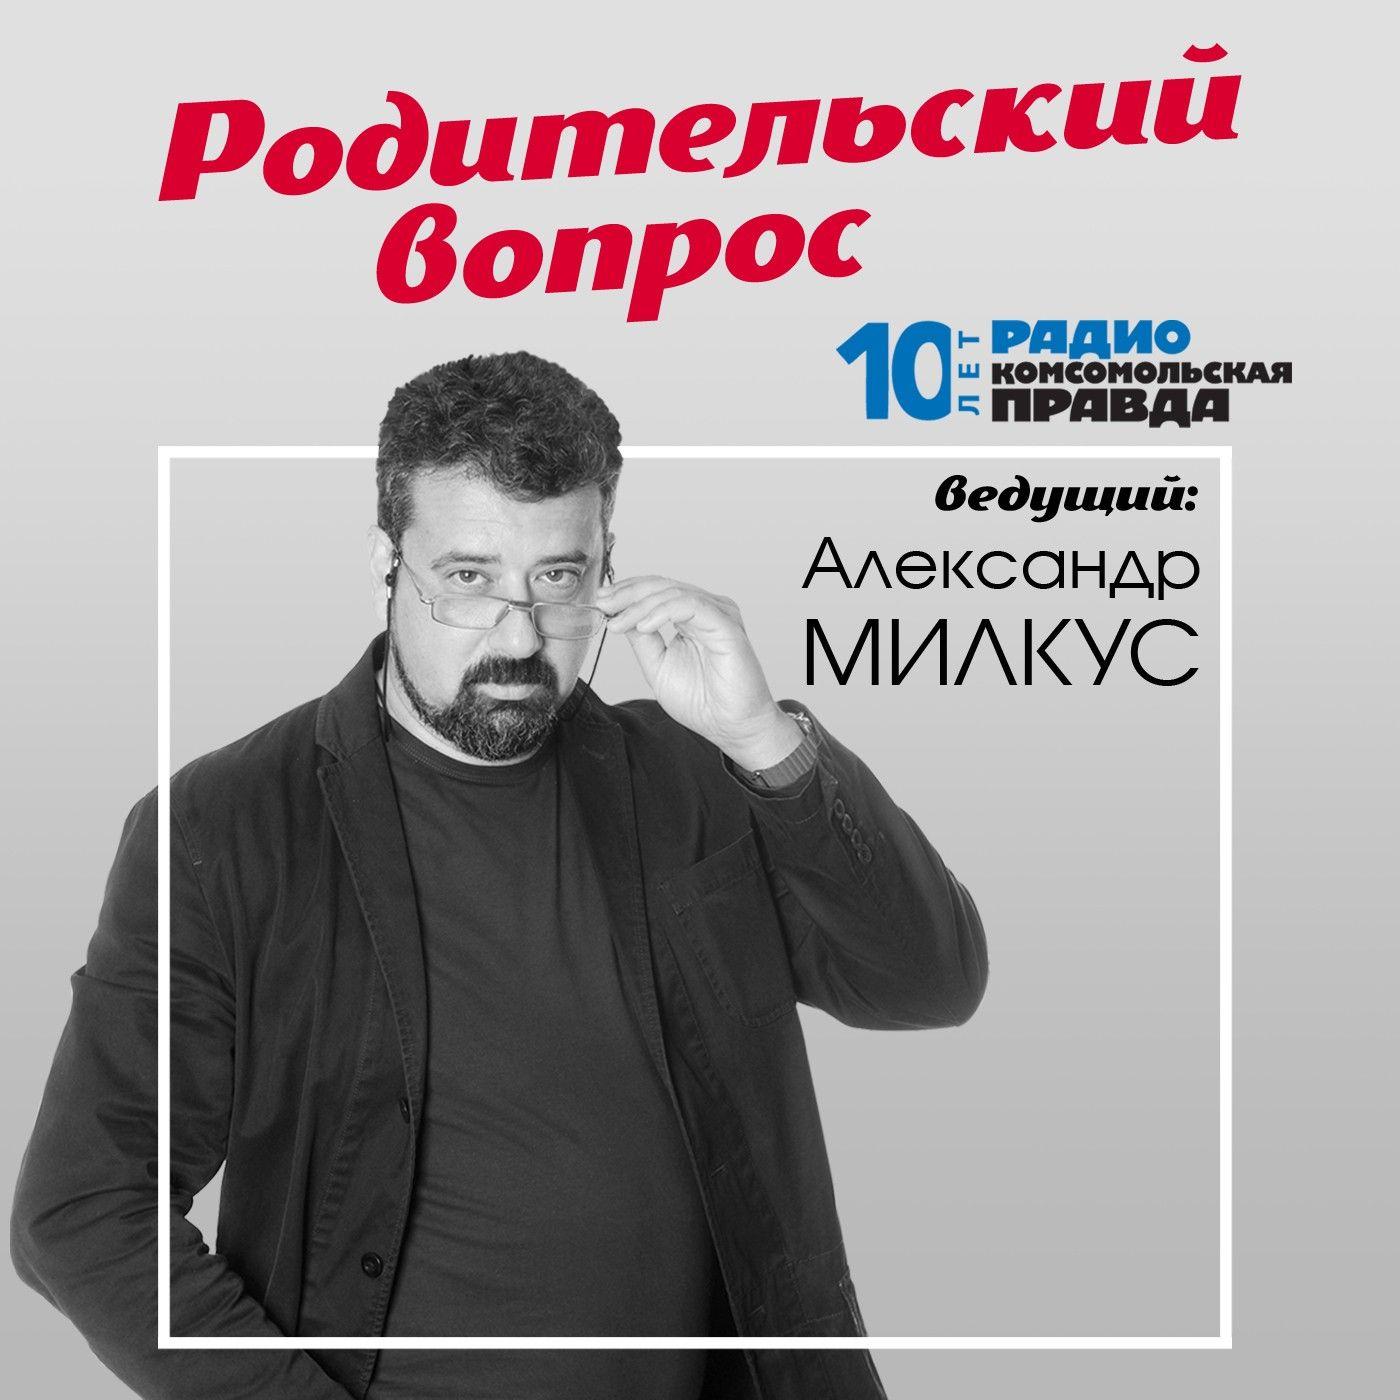 Радио «Комсомольская правда» Идём на карнавал и ёлку! радио комсомольская правда эксперты завершили исследования на месте трагедии